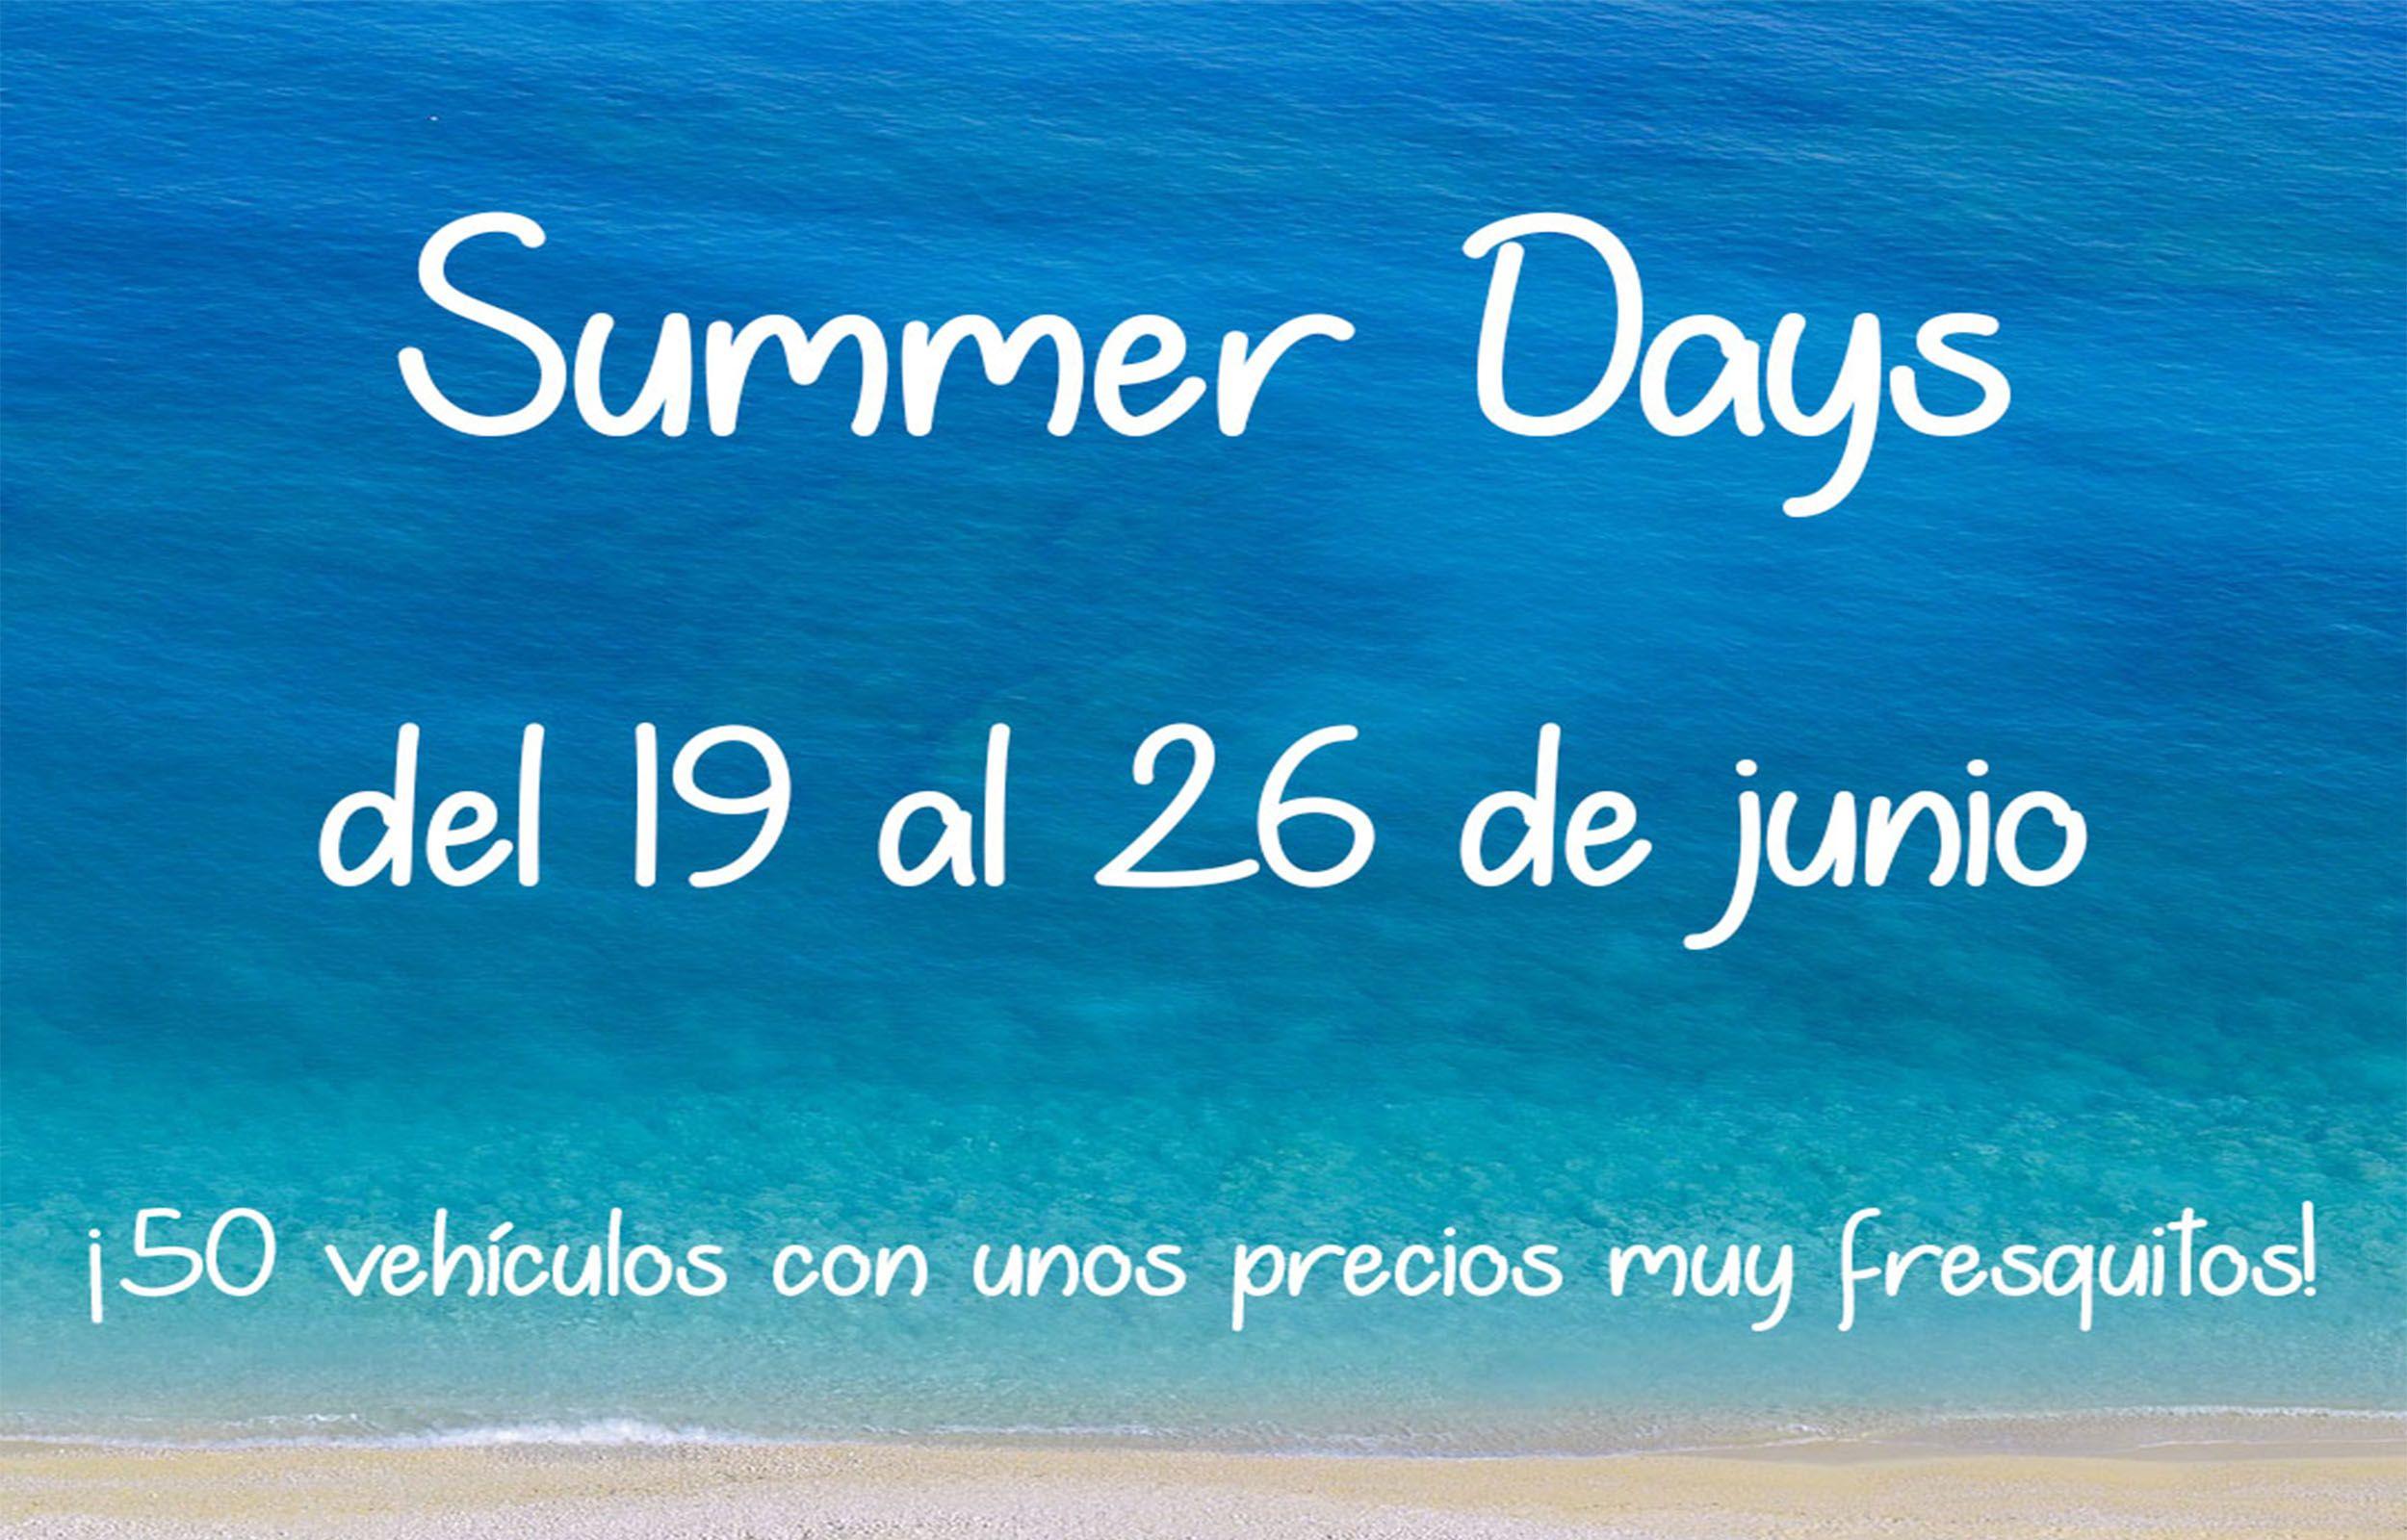 ¡Summer Days en Talleres Xàtiva!